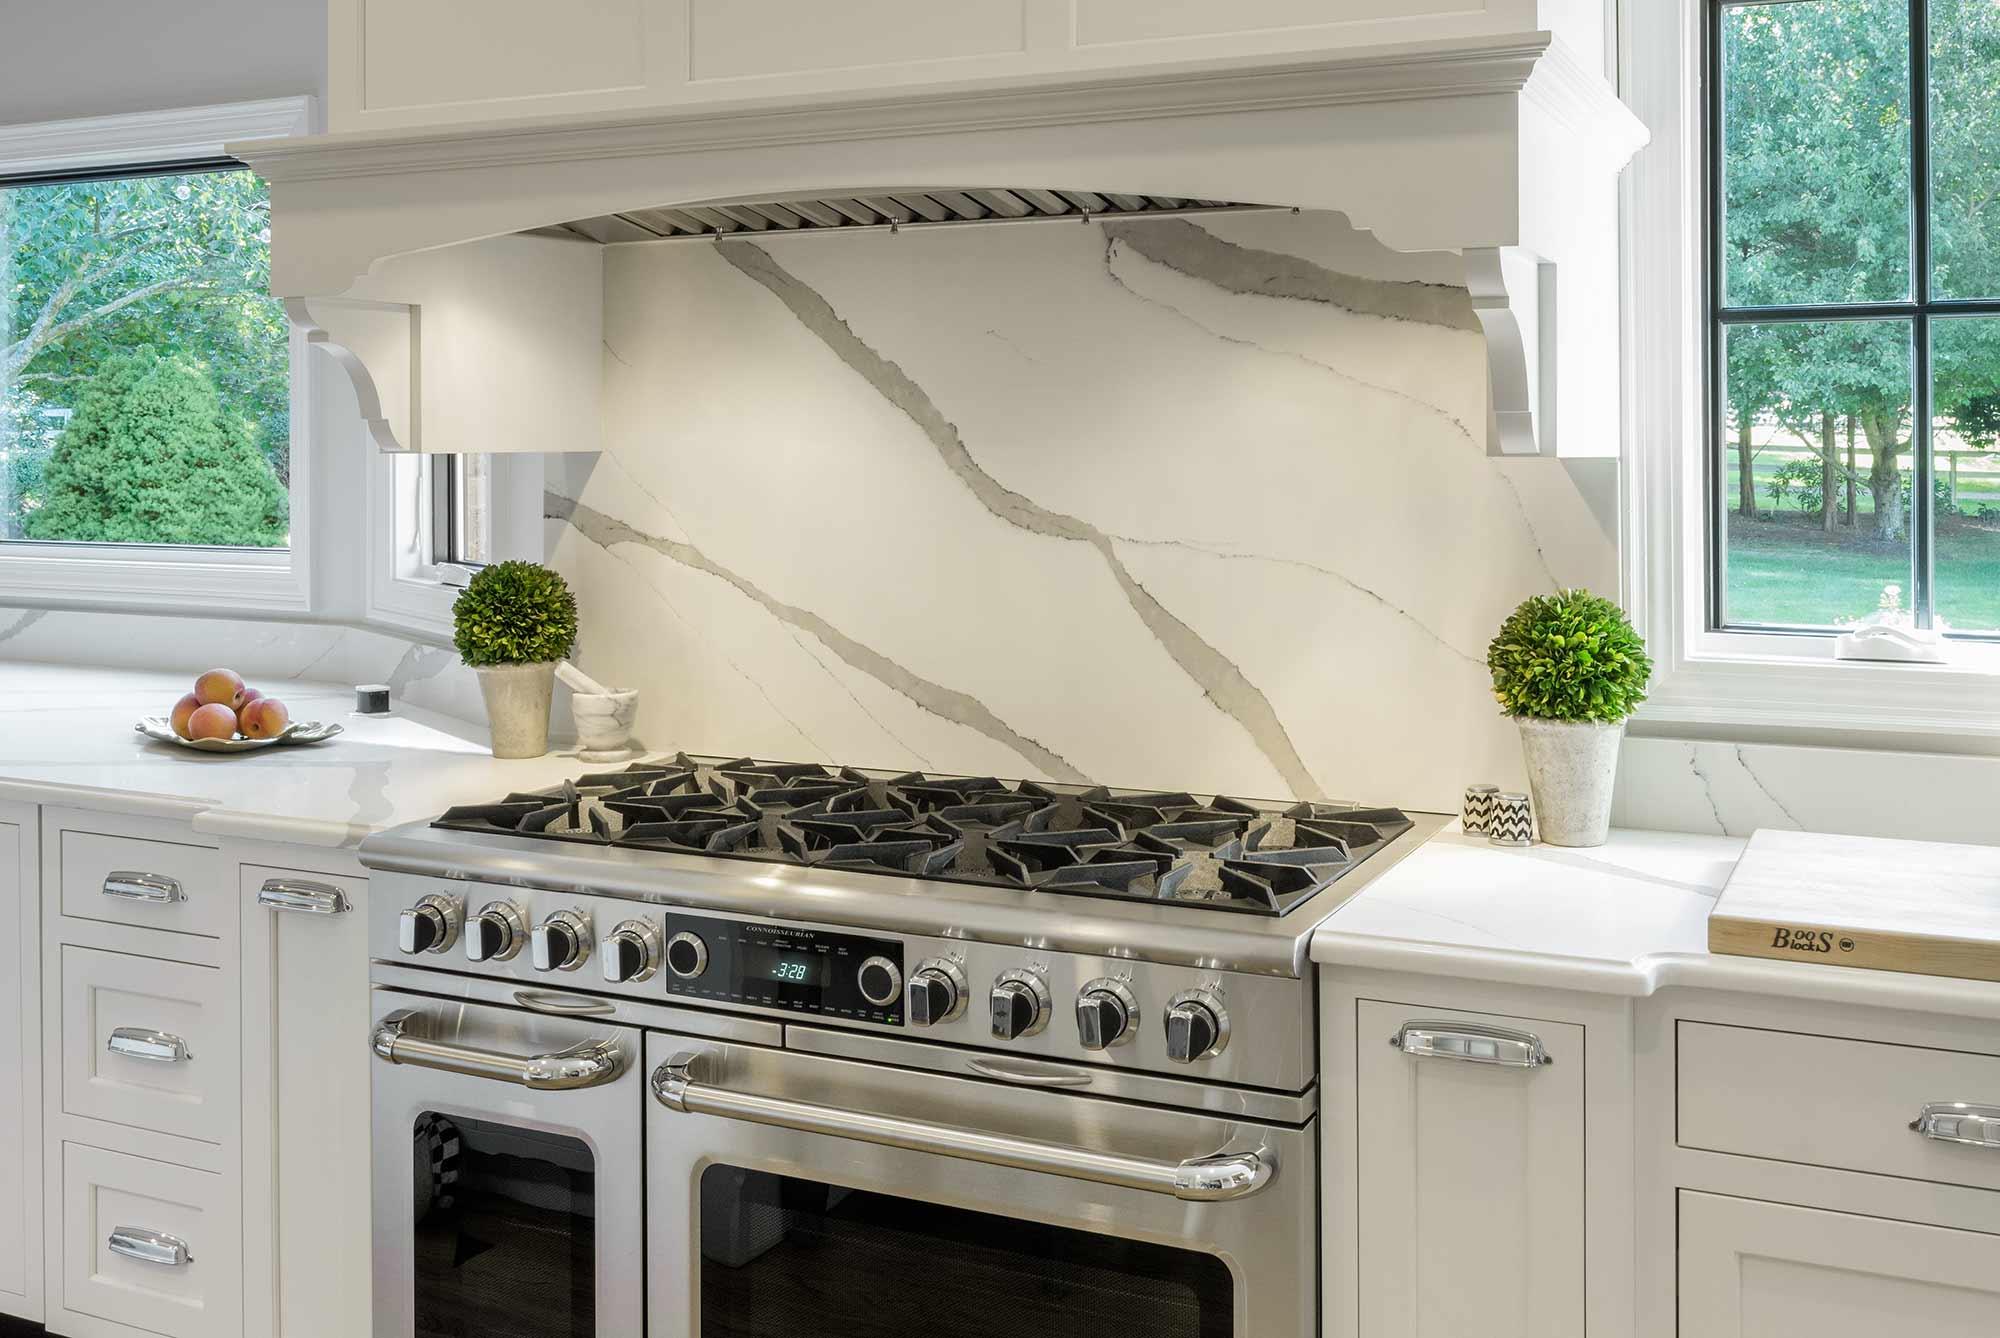 Calore Kitchen Cabinets & Appliances